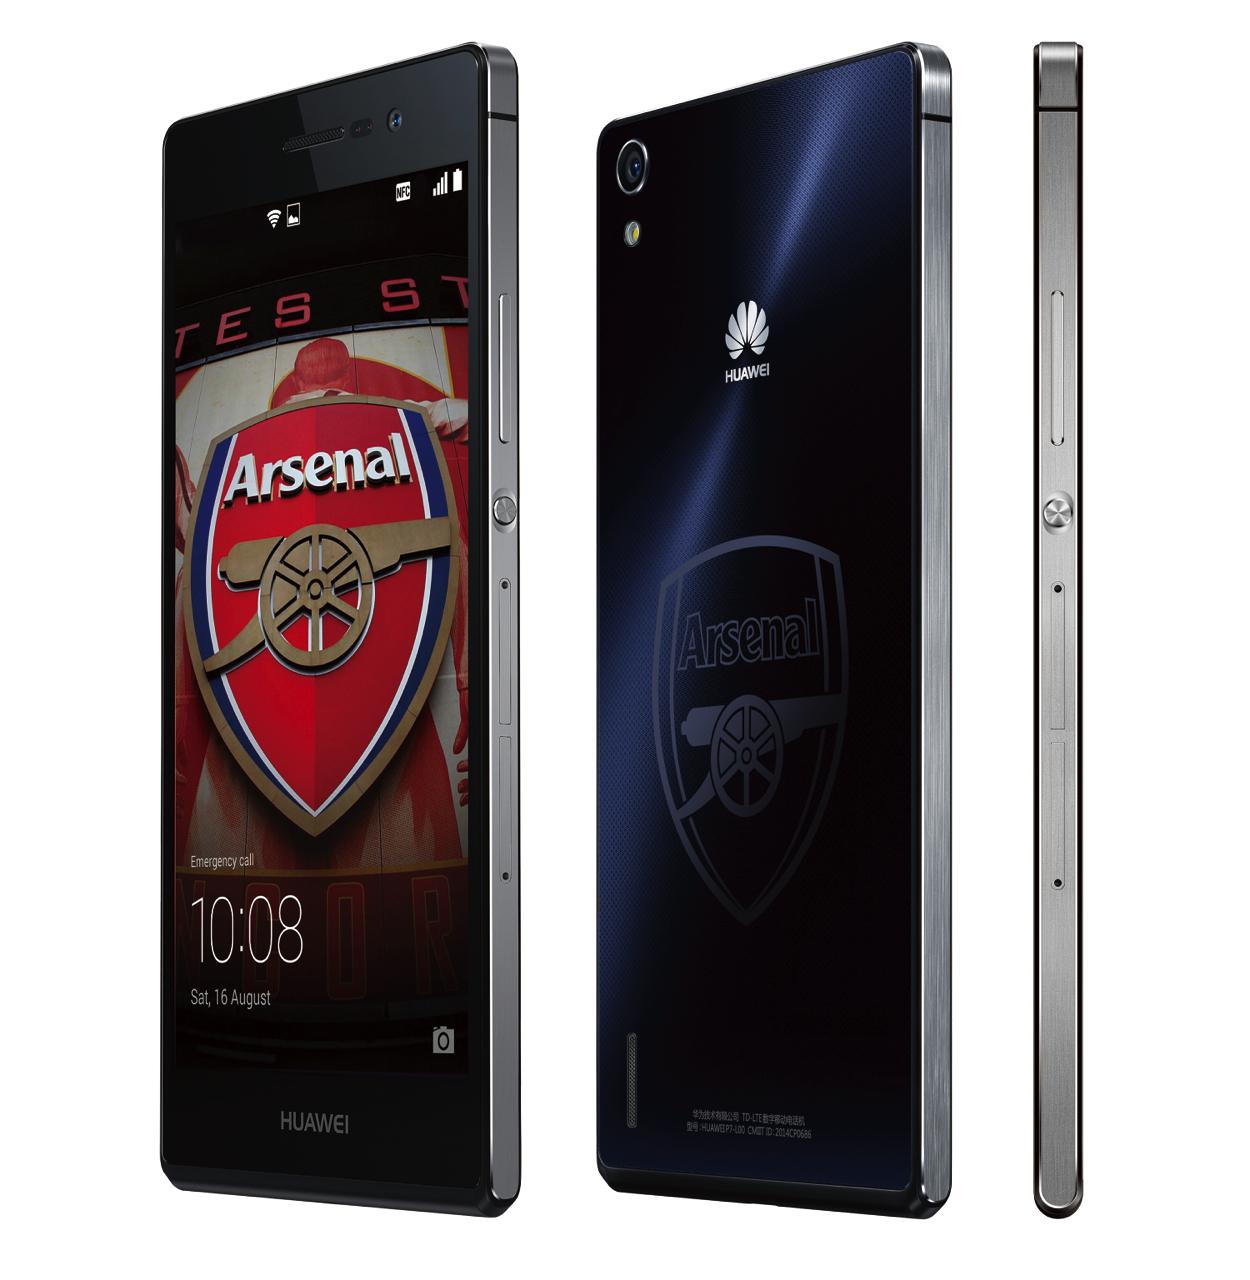 Huawei_Arsenal